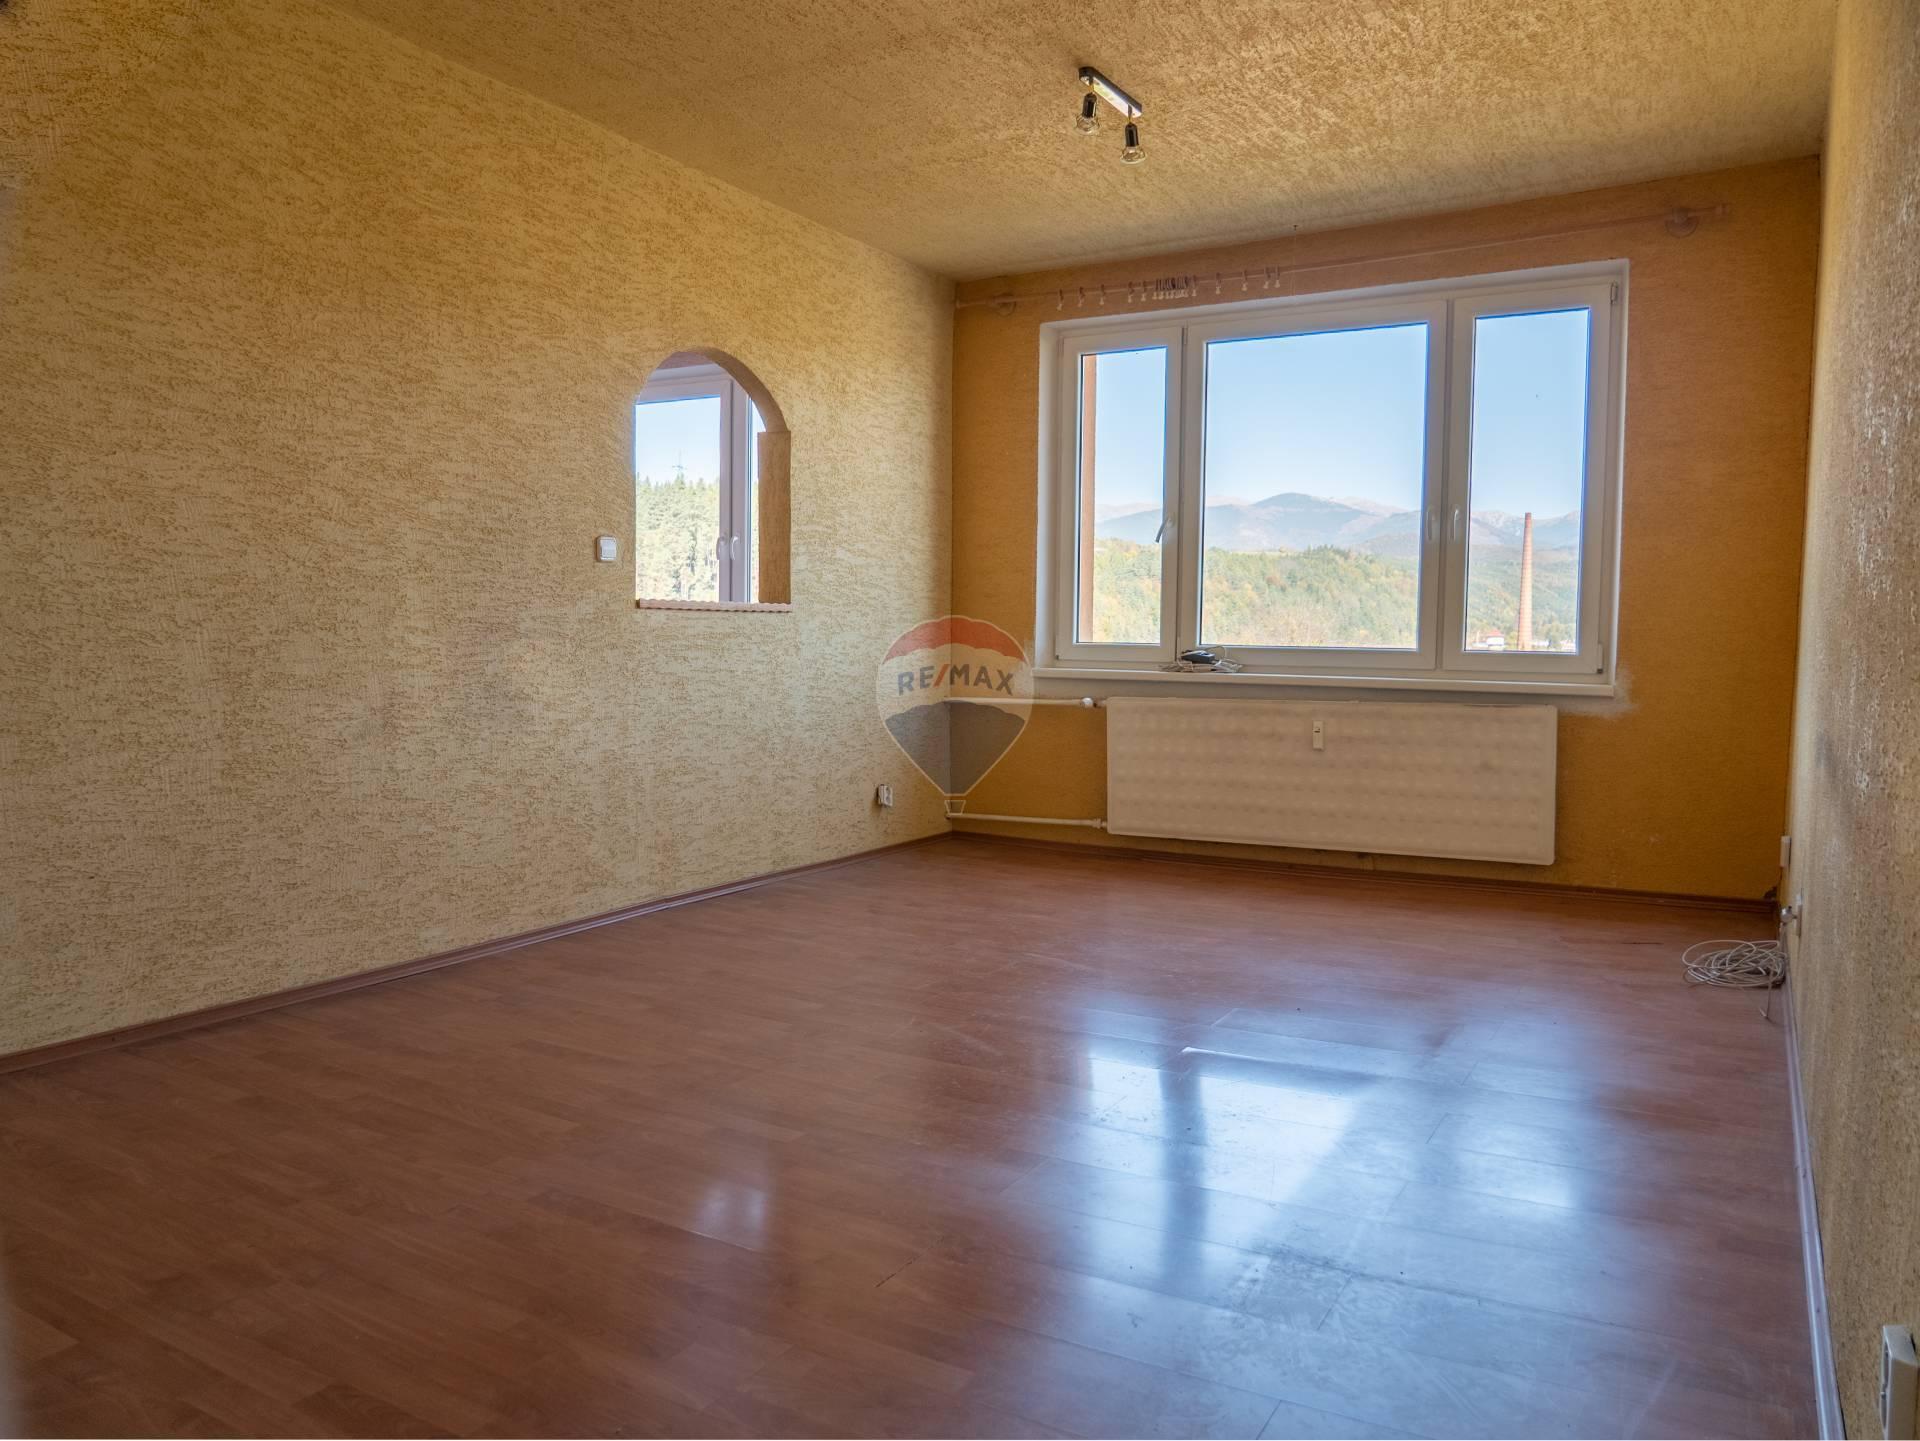 Predaj 2 izbového bytu v Podbrezovej - časť Štiavnička